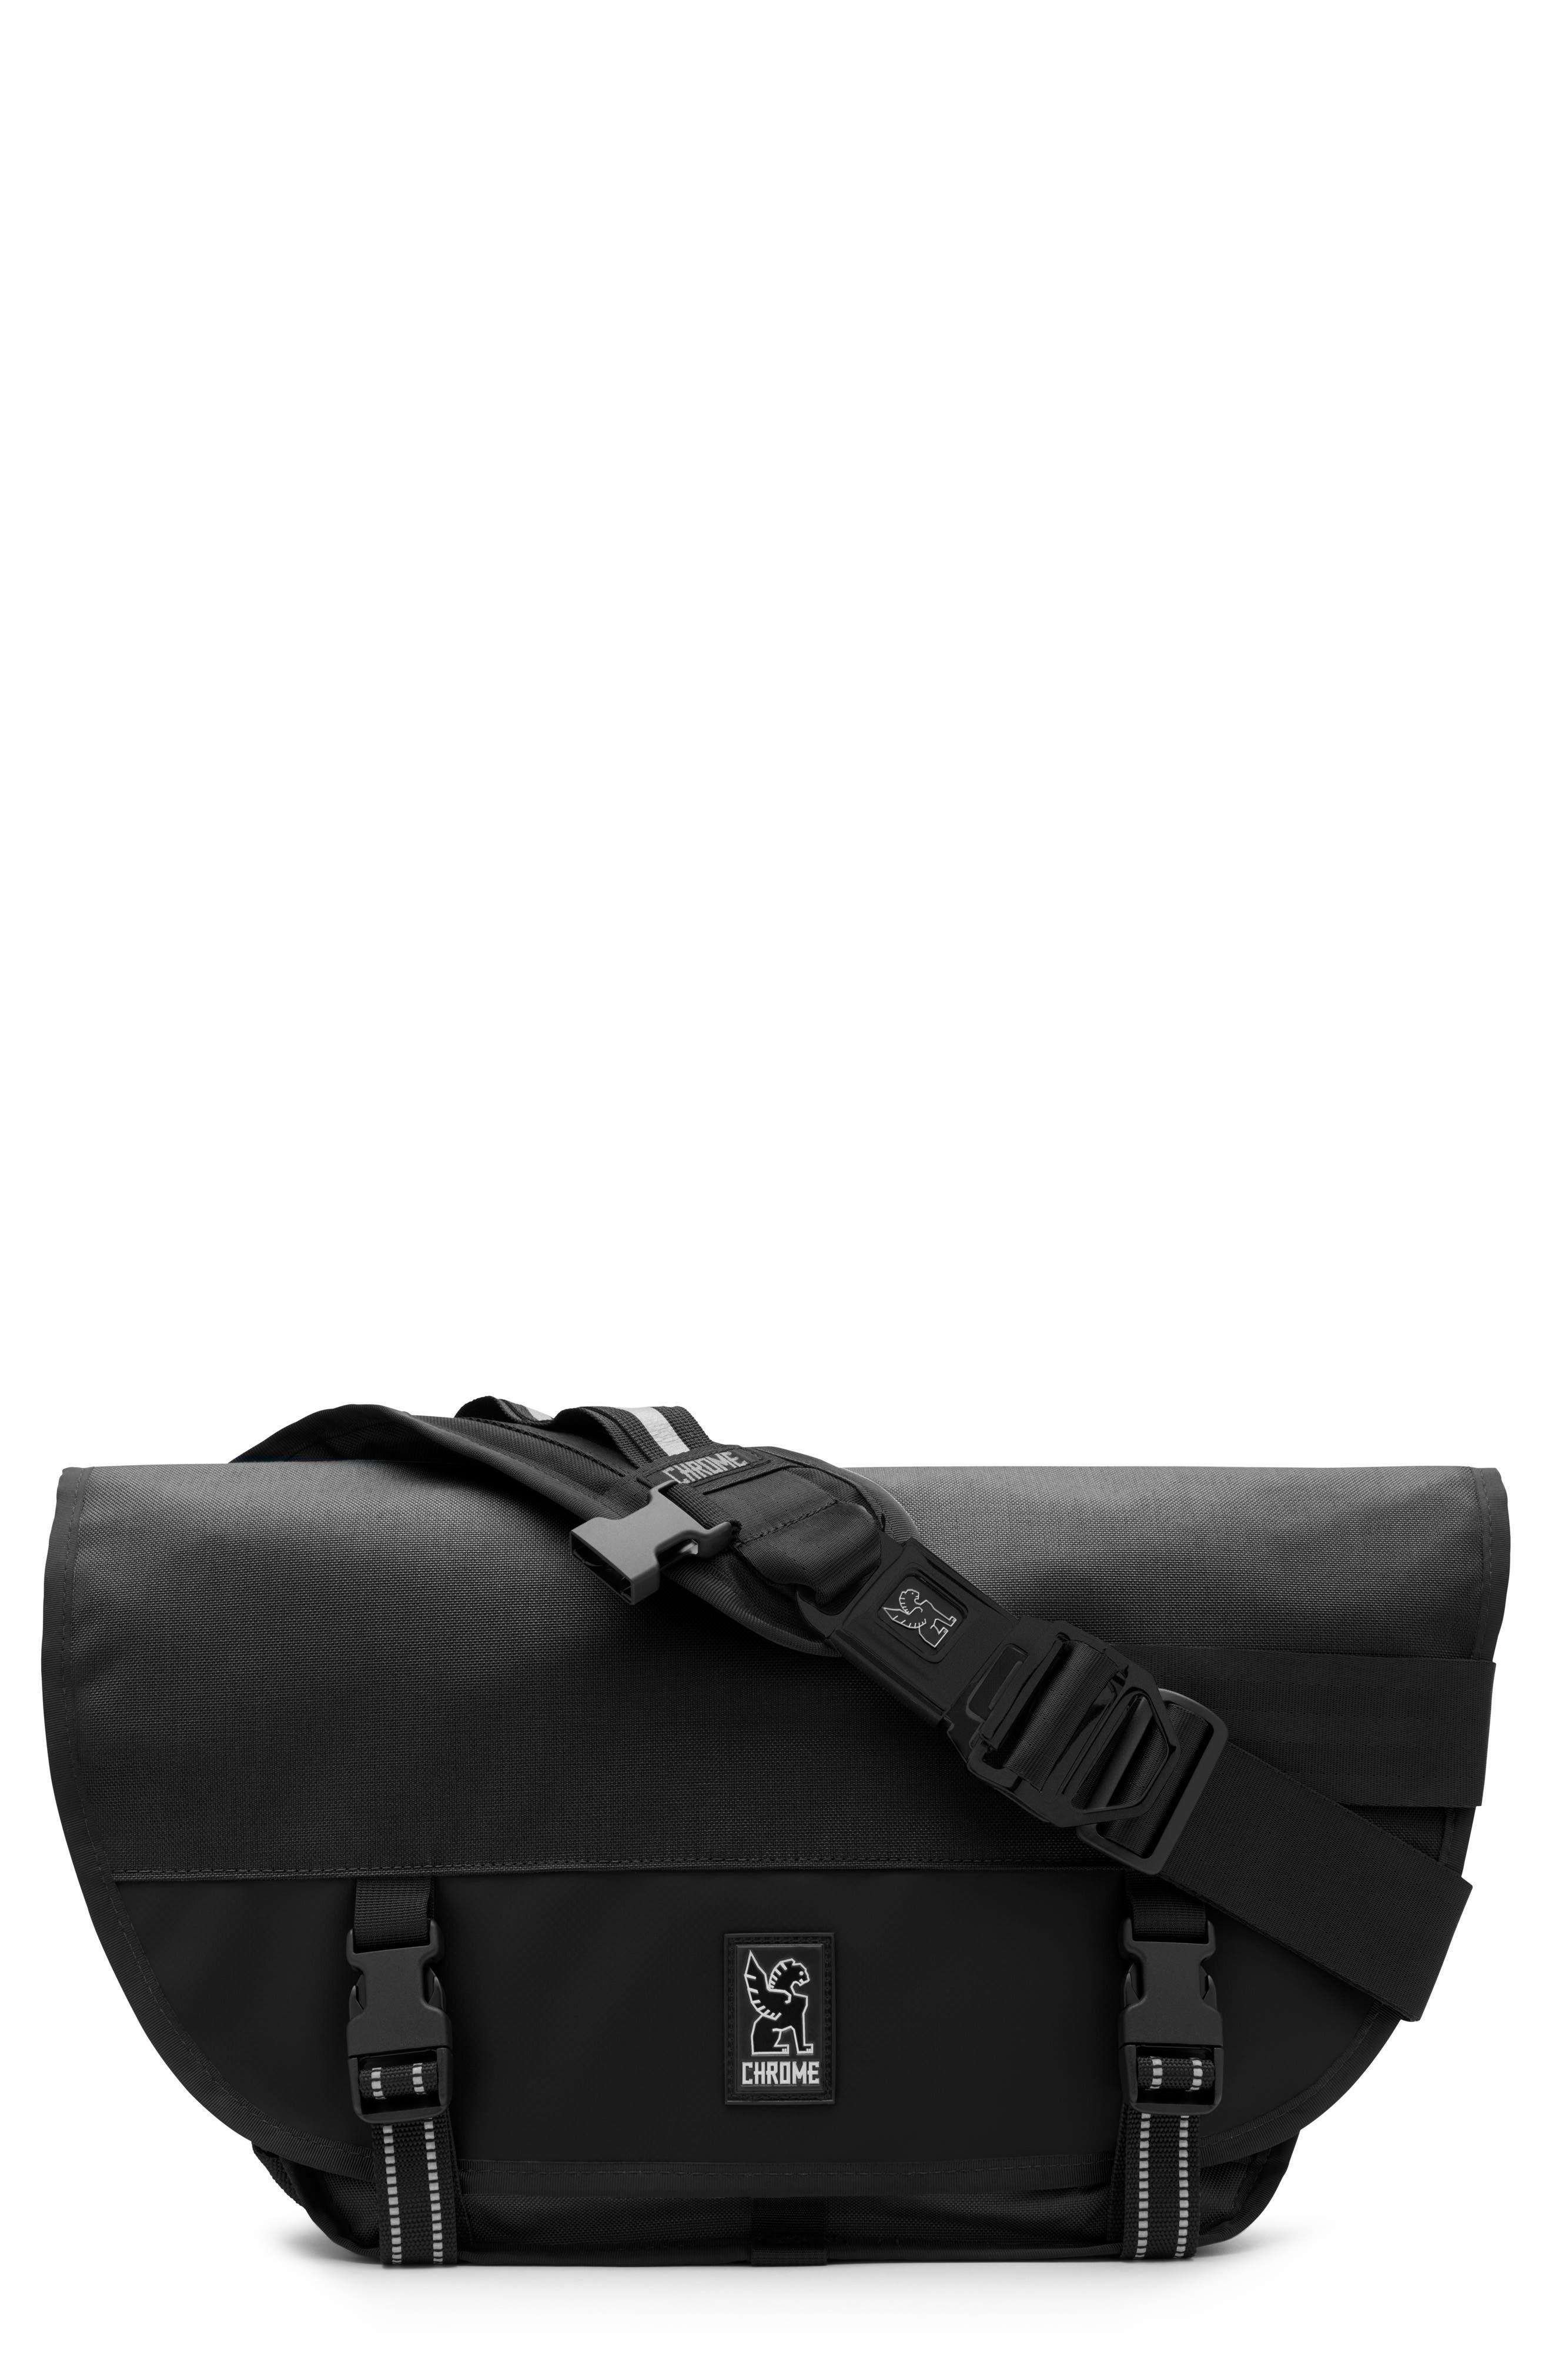 Mini Metro Messenger Bag,                             Main thumbnail 1, color,                             BLACK